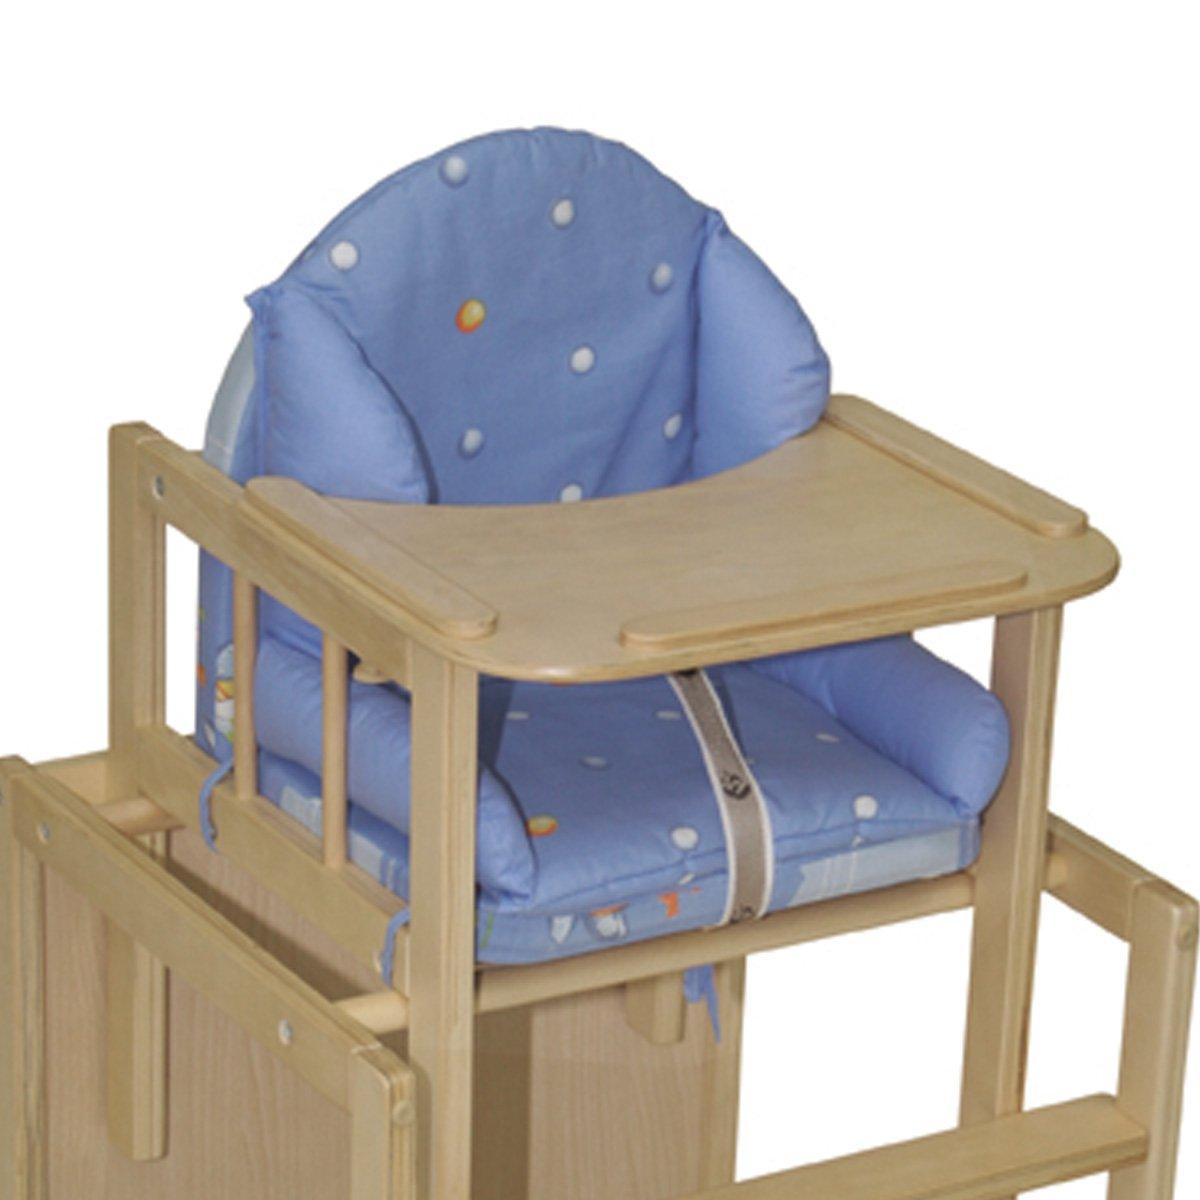 Sitzverkleinerer Hase weiche Polsterung wasserabweisend abwaschbar /• Baby Hochstuhl Stuhl Sitz Kissen Auflage Kind